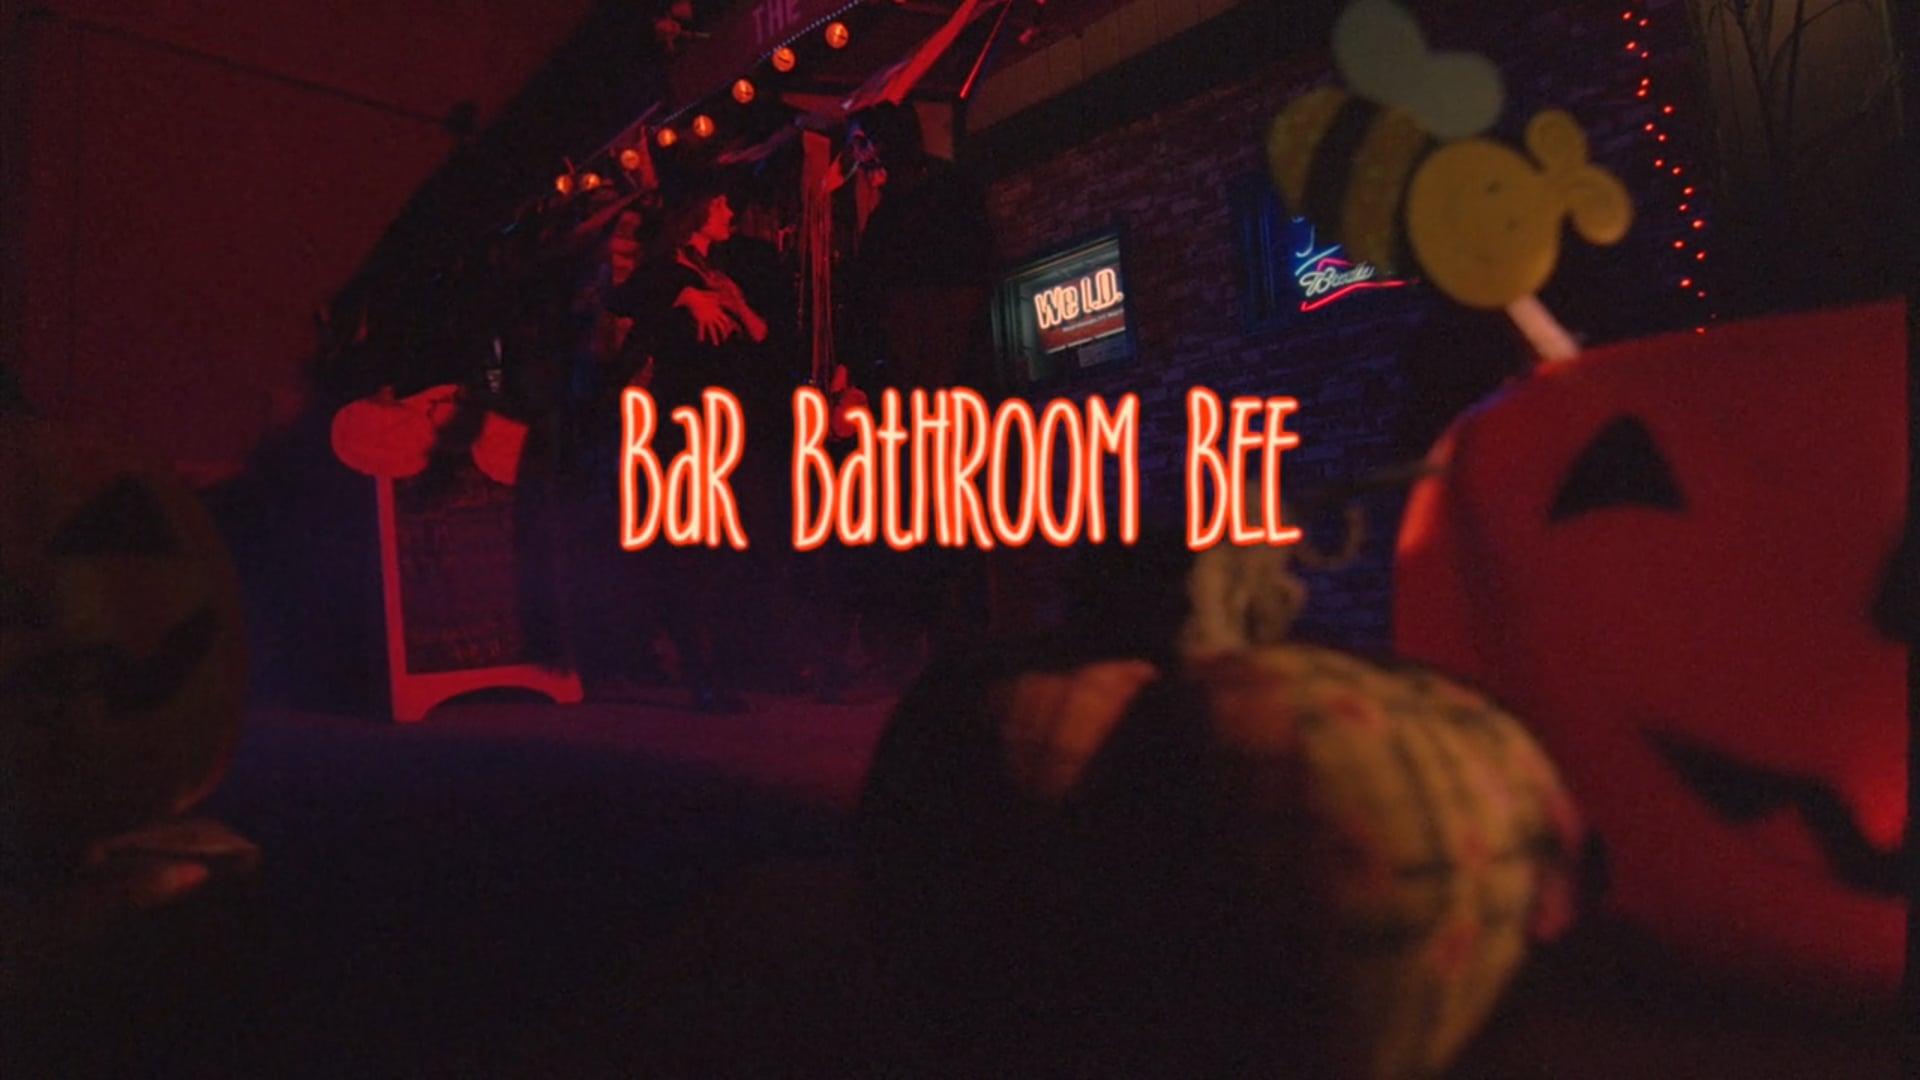 Bar Bathroom Bee